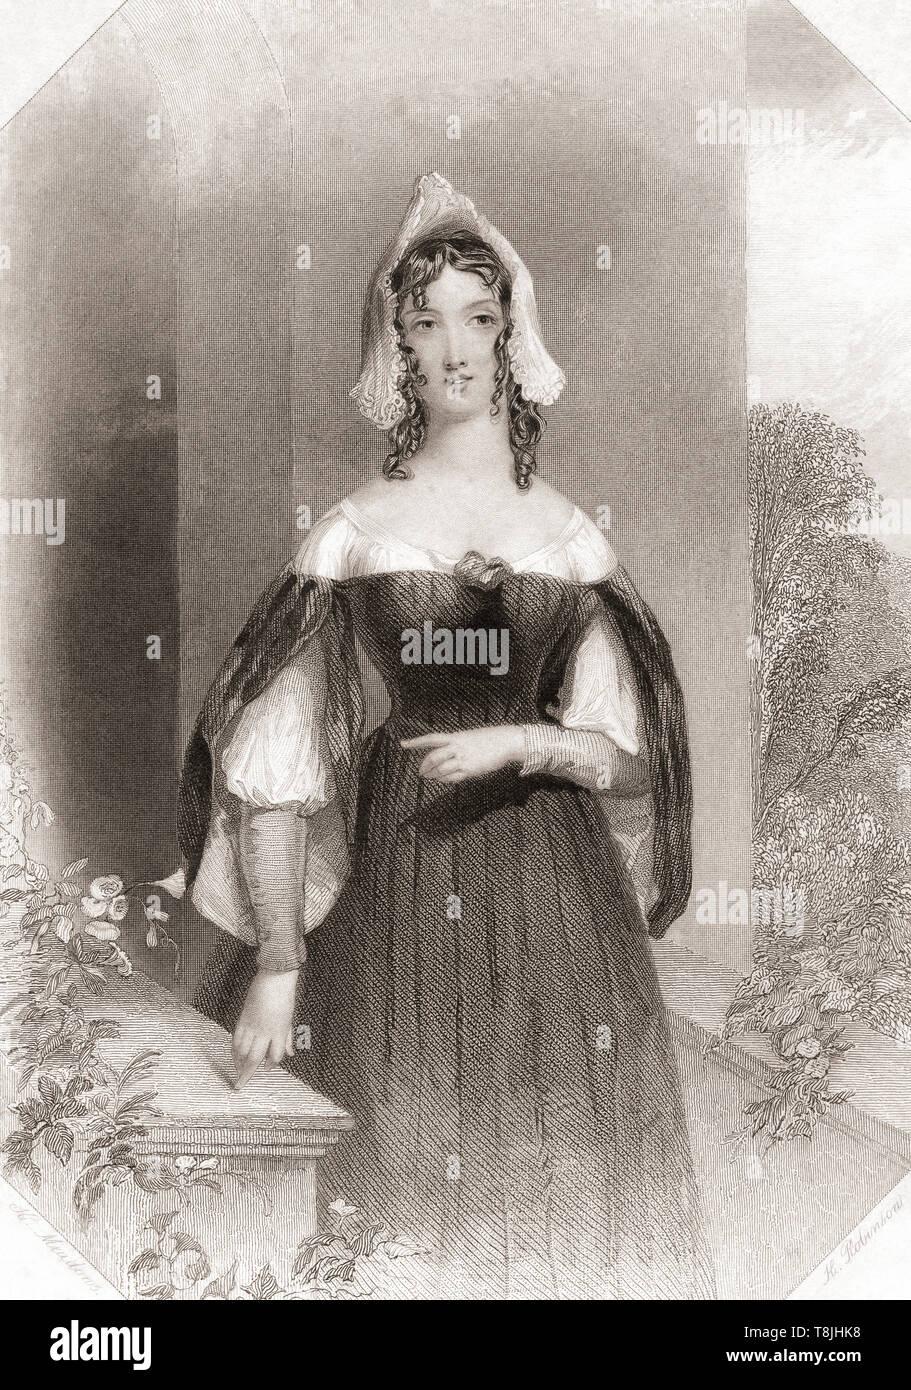 Anne Seite. Wichtigste weibliche Figur aus Shakespeares Die lustigen Weiber von Windsor. Von Shakespeare Gallery, veröffentlicht C 1840. Stockbild